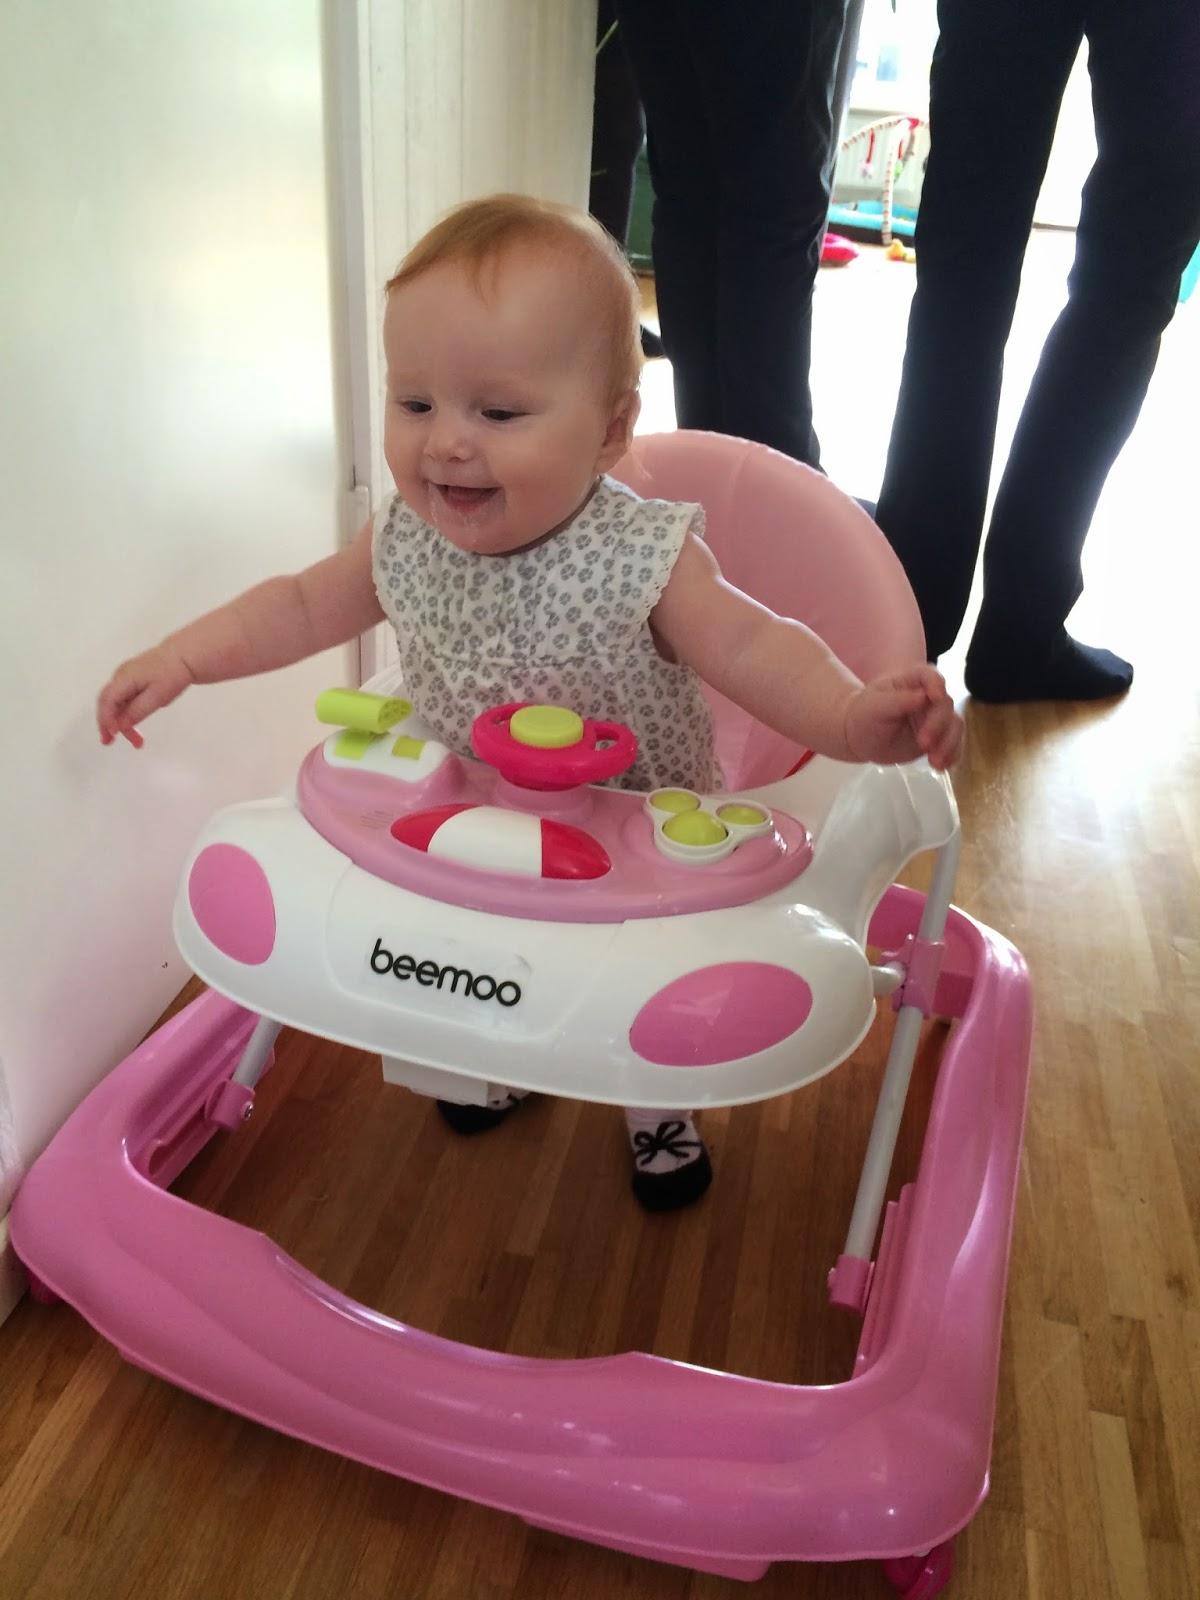 Kusin Viggo kom in i huset och placerades på golvet i babyskyddet. Svea  fick syn på honom och kom springandes i gåstolen. Haha e4af403451938